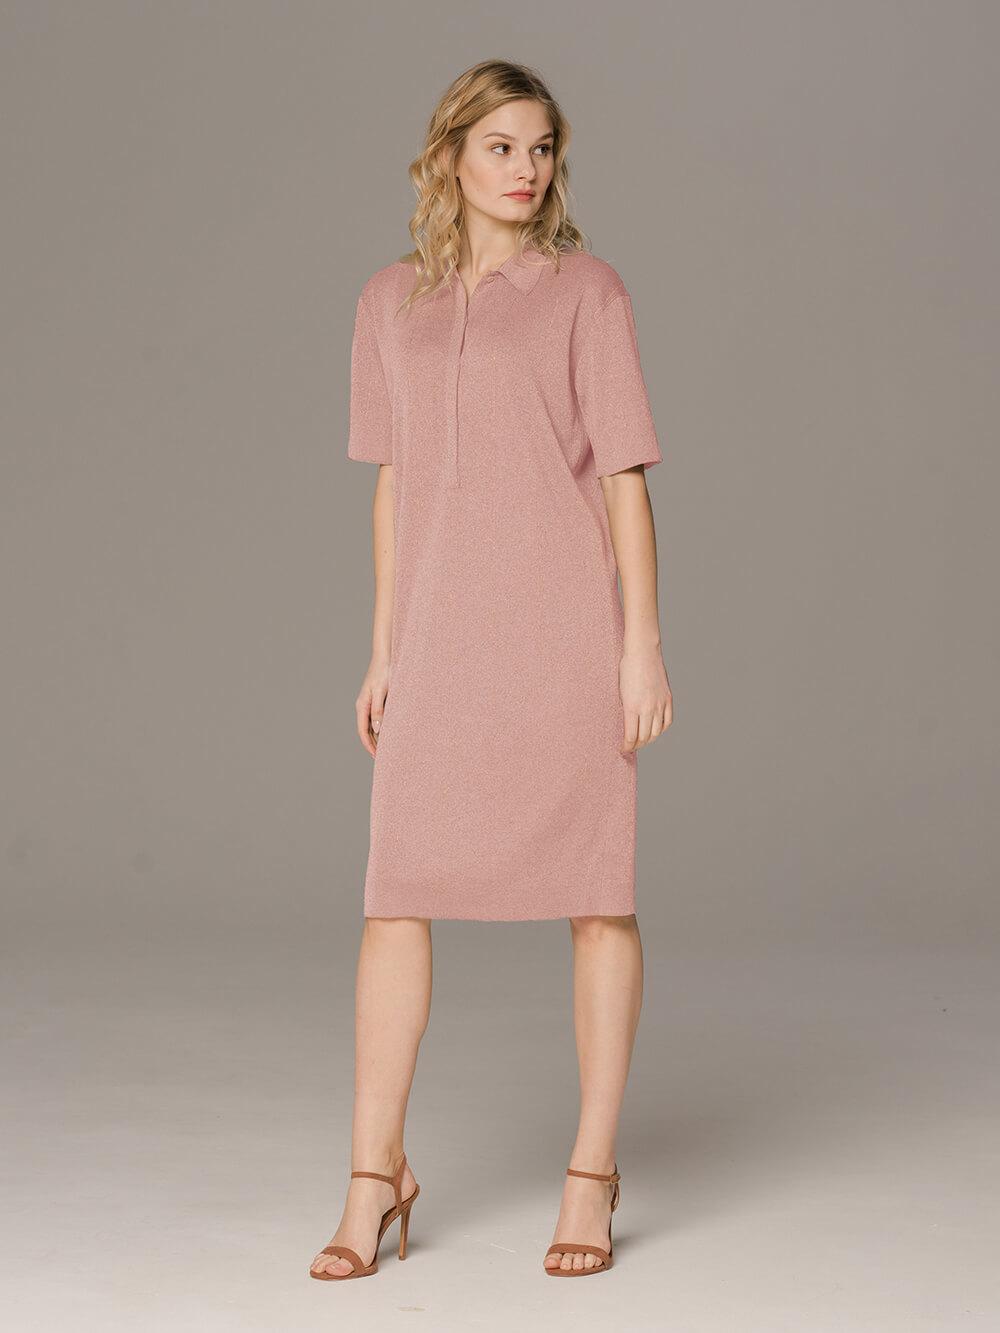 Женское платье розового цвета с коротким рукавом - фото 1